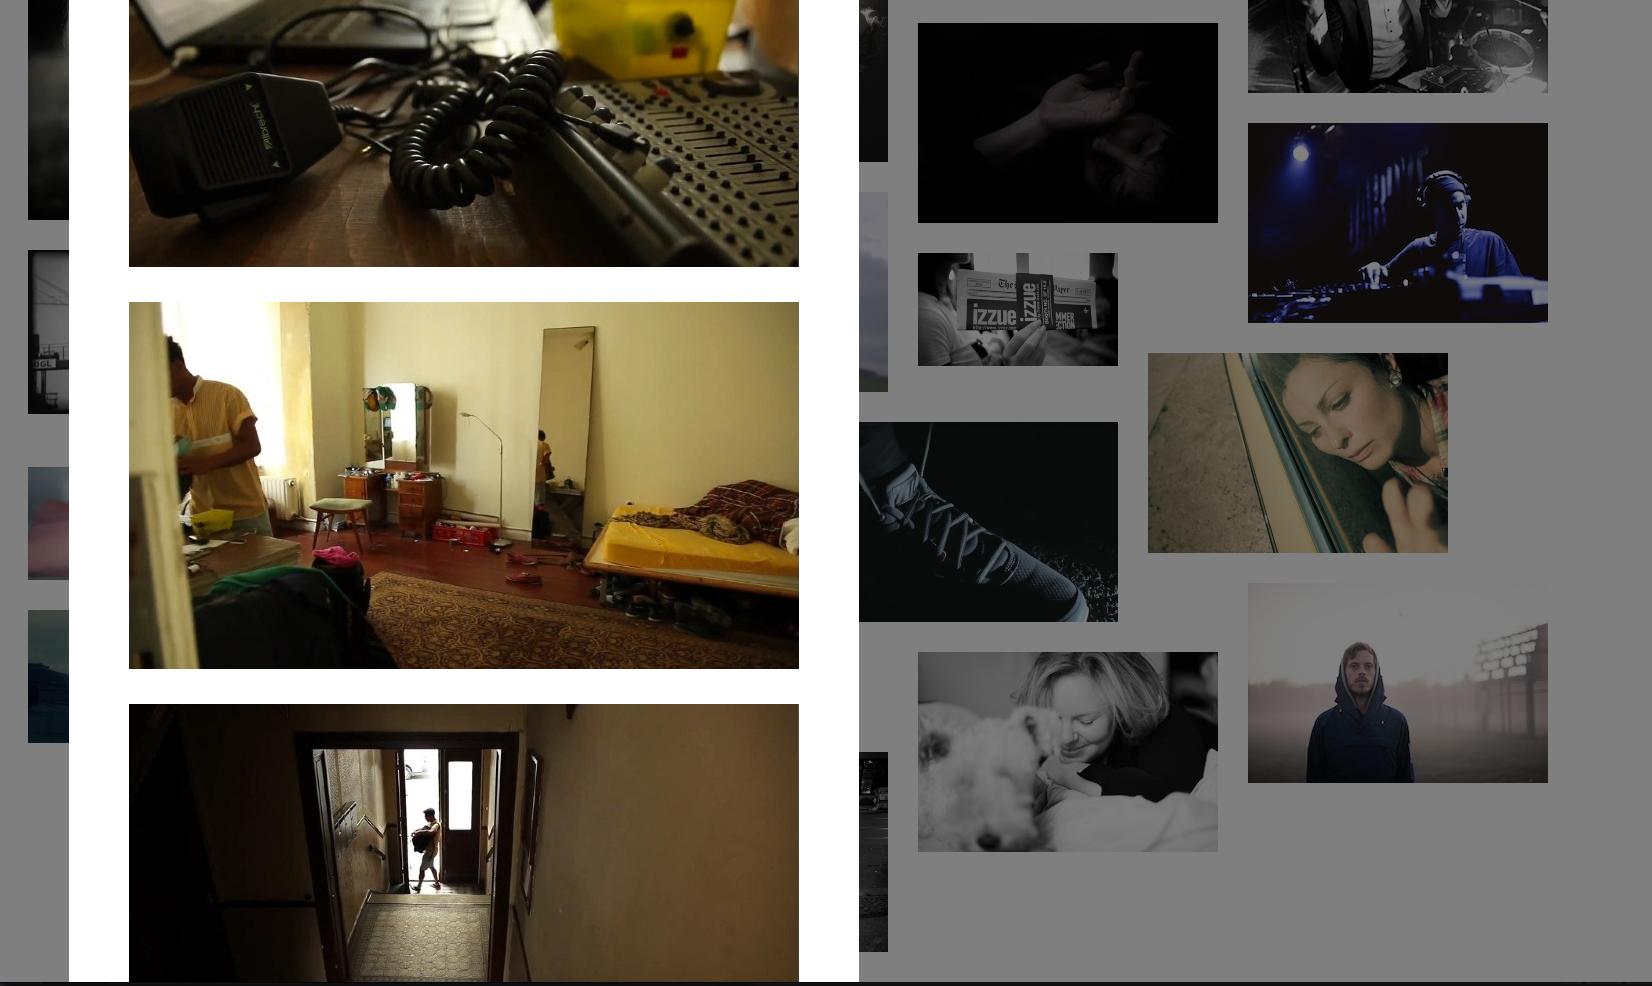 Screen Shot 2013-04-15 at 23.29.53.png